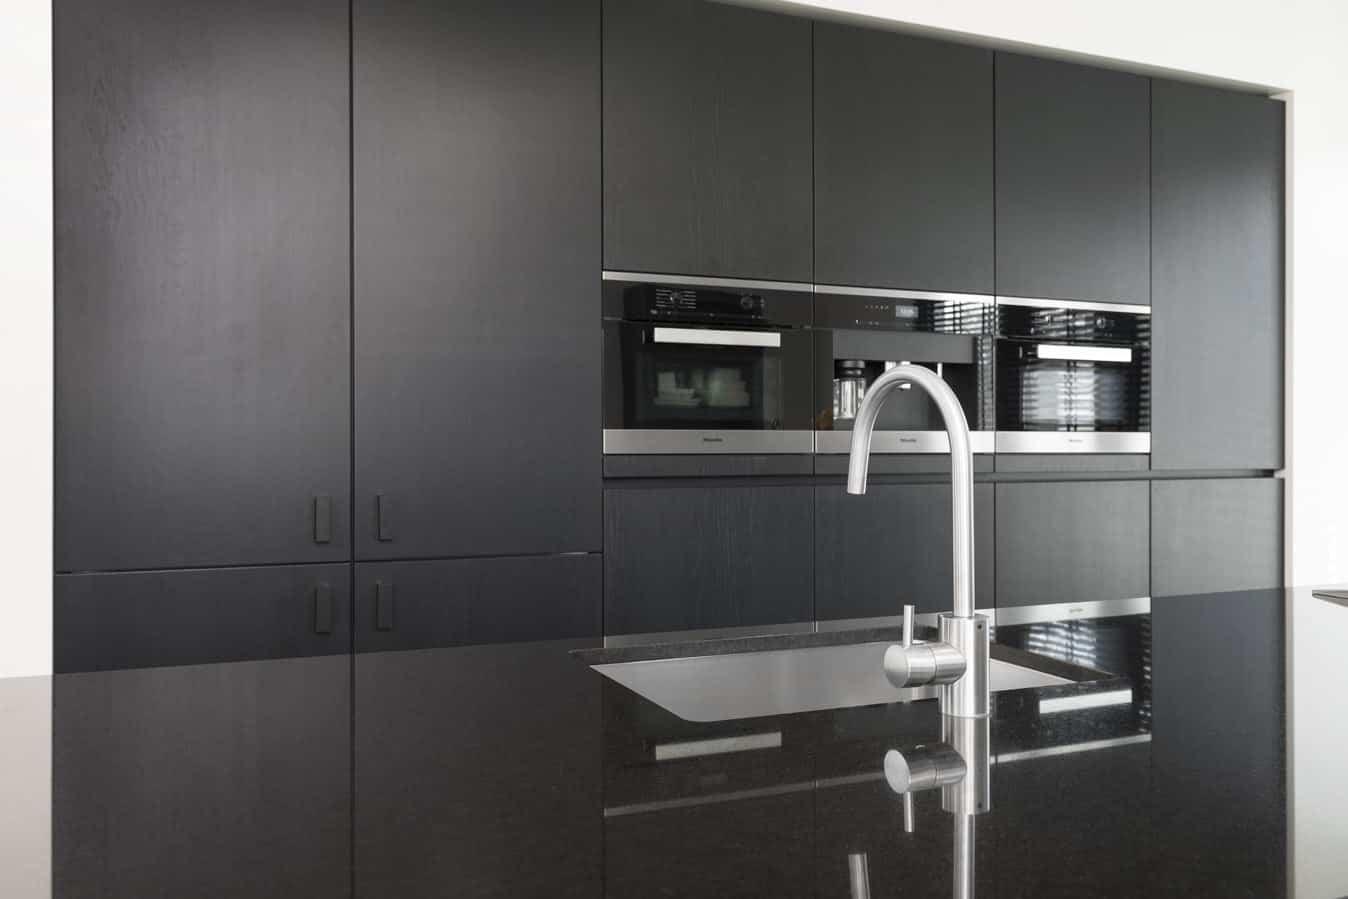 Strakke donkere keuken